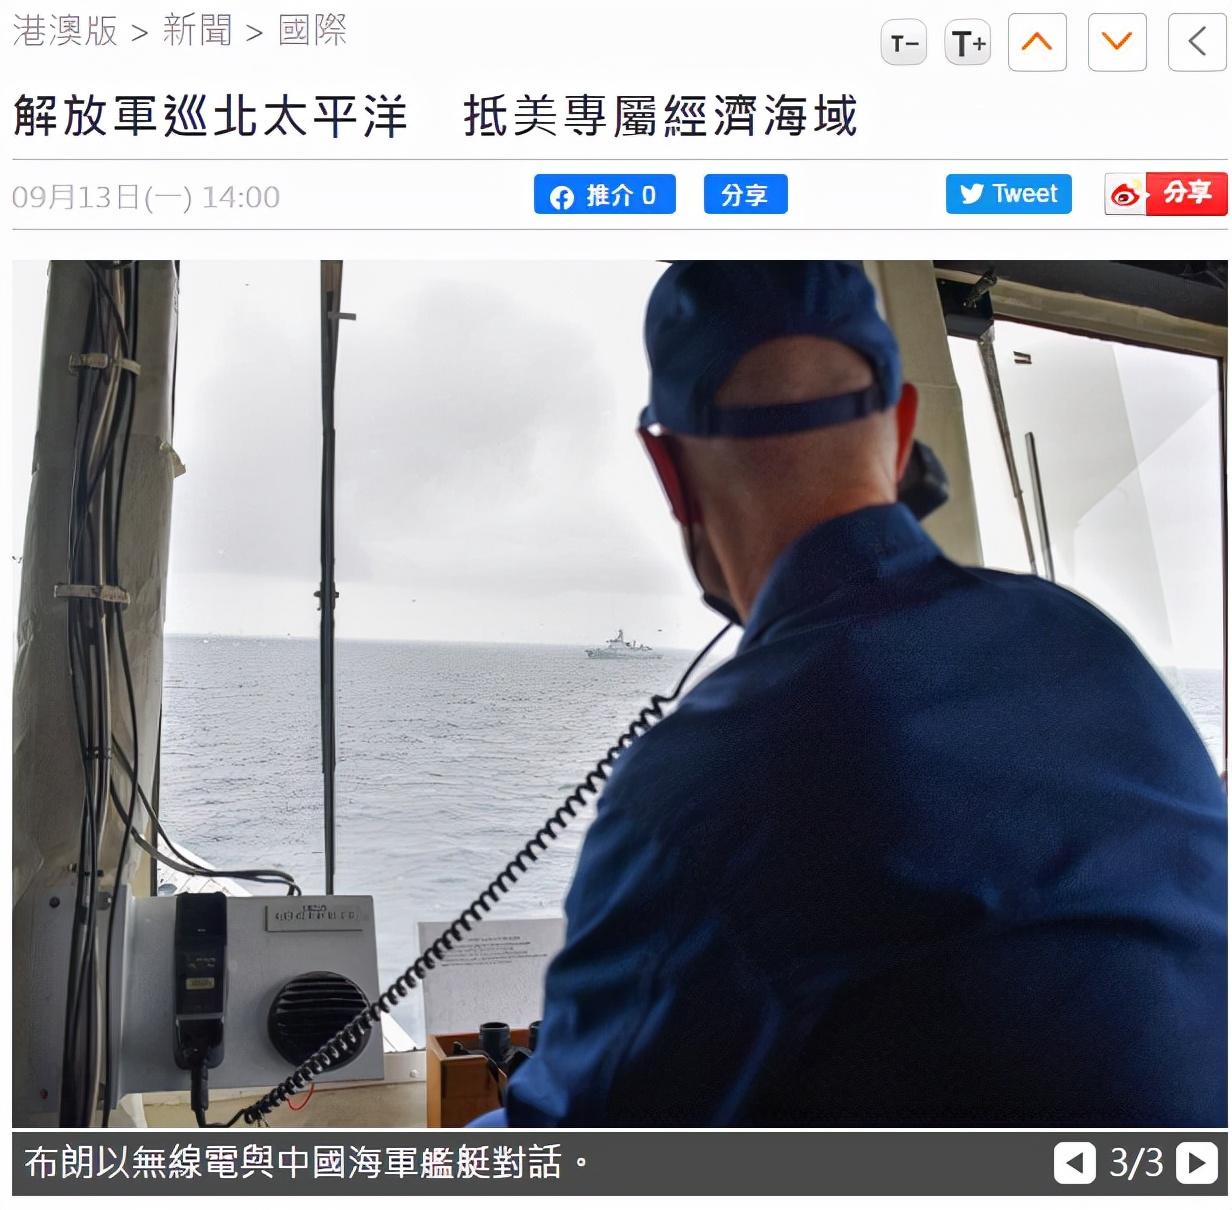 干得漂亮!中国战舰现身美领海附近,自由航行不是美国专利